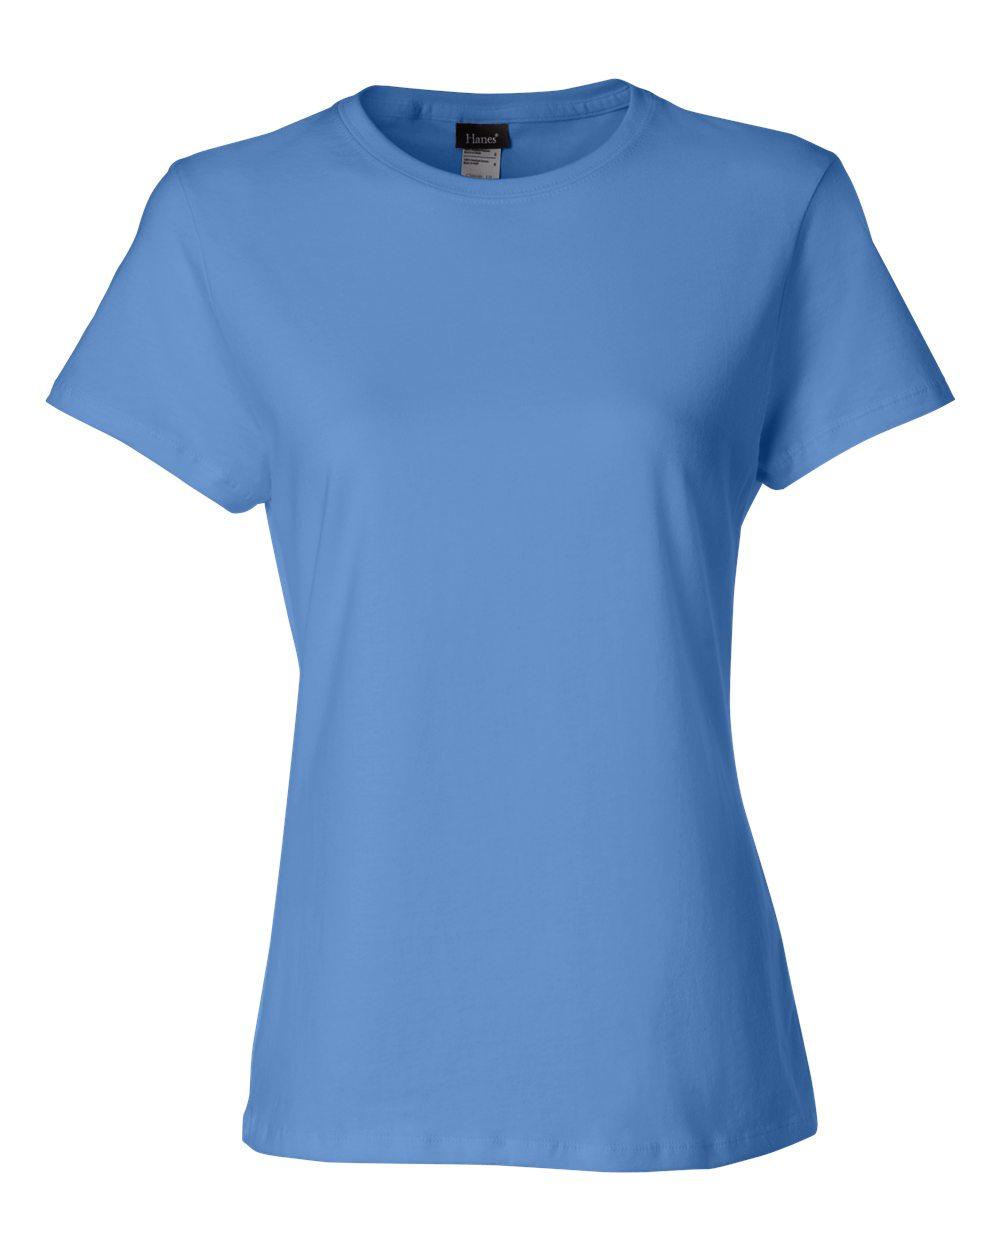 Hanes Mens Nano Premium Cotton TShirt Pack of 2